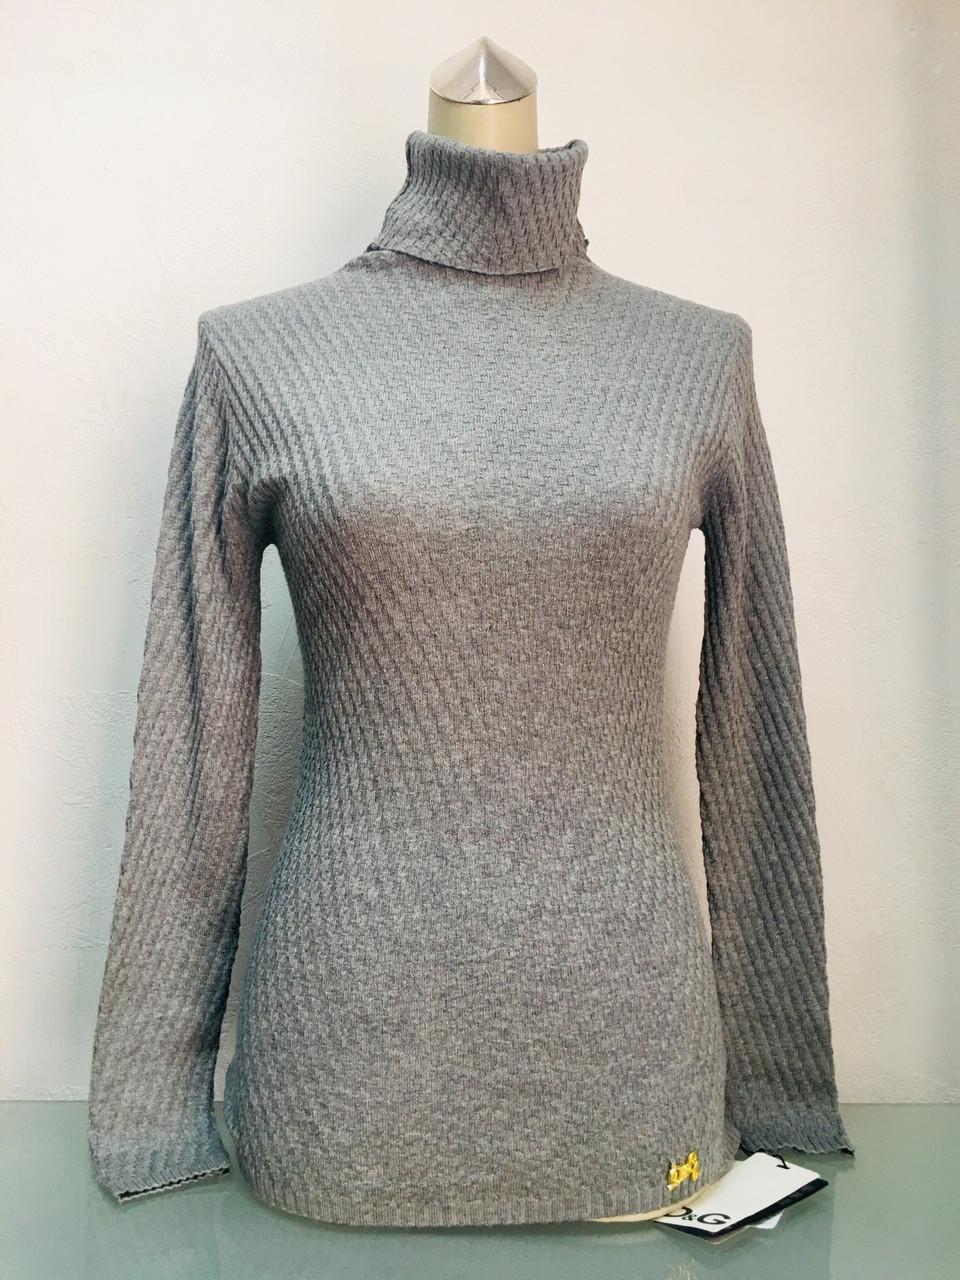 Свитер в стиле D&G женский с высоким горлом серый жемчужный